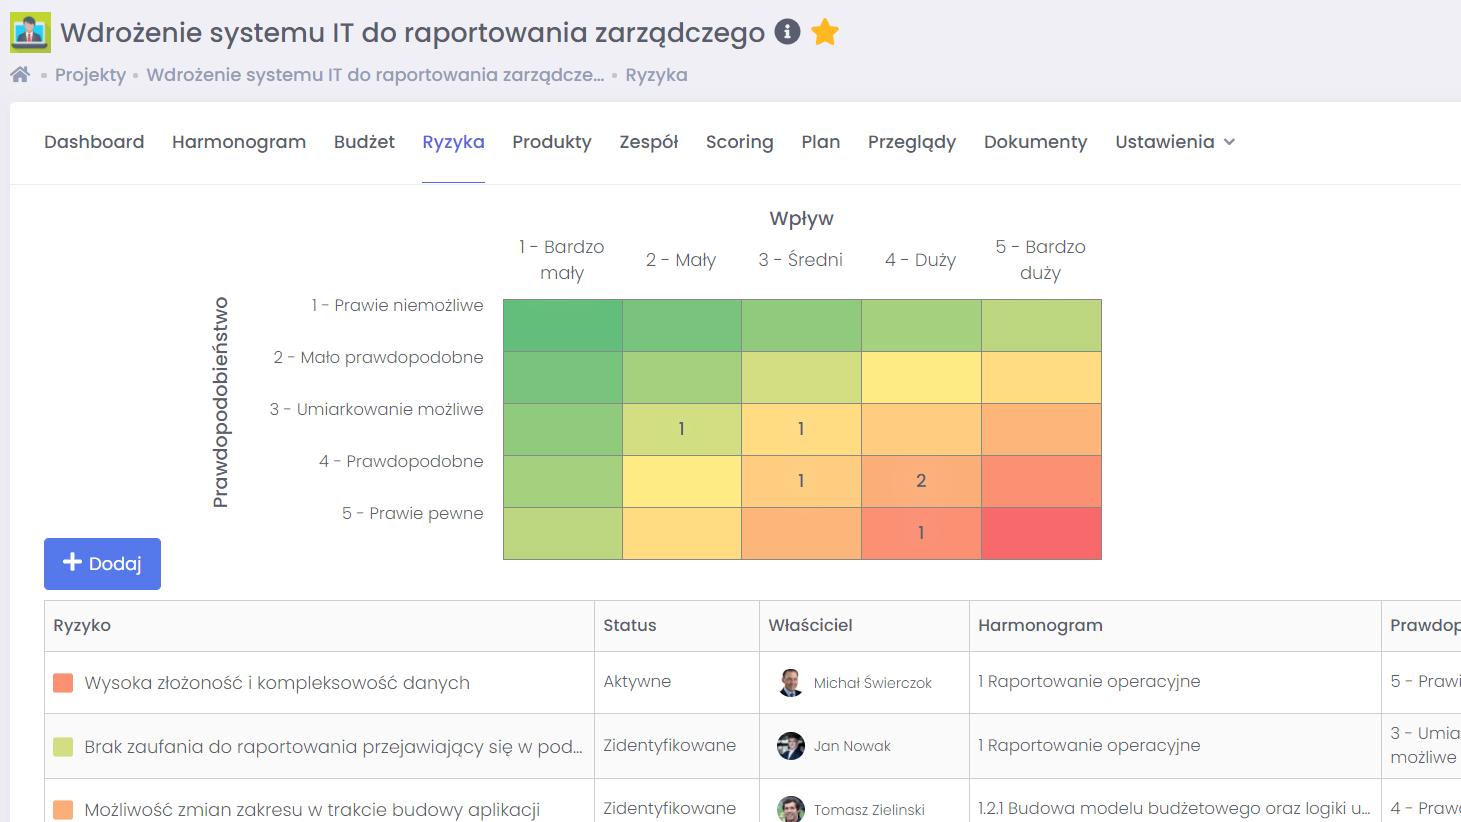 Wykorzystywanie potrzebnych funkcjonalności FlexiProject